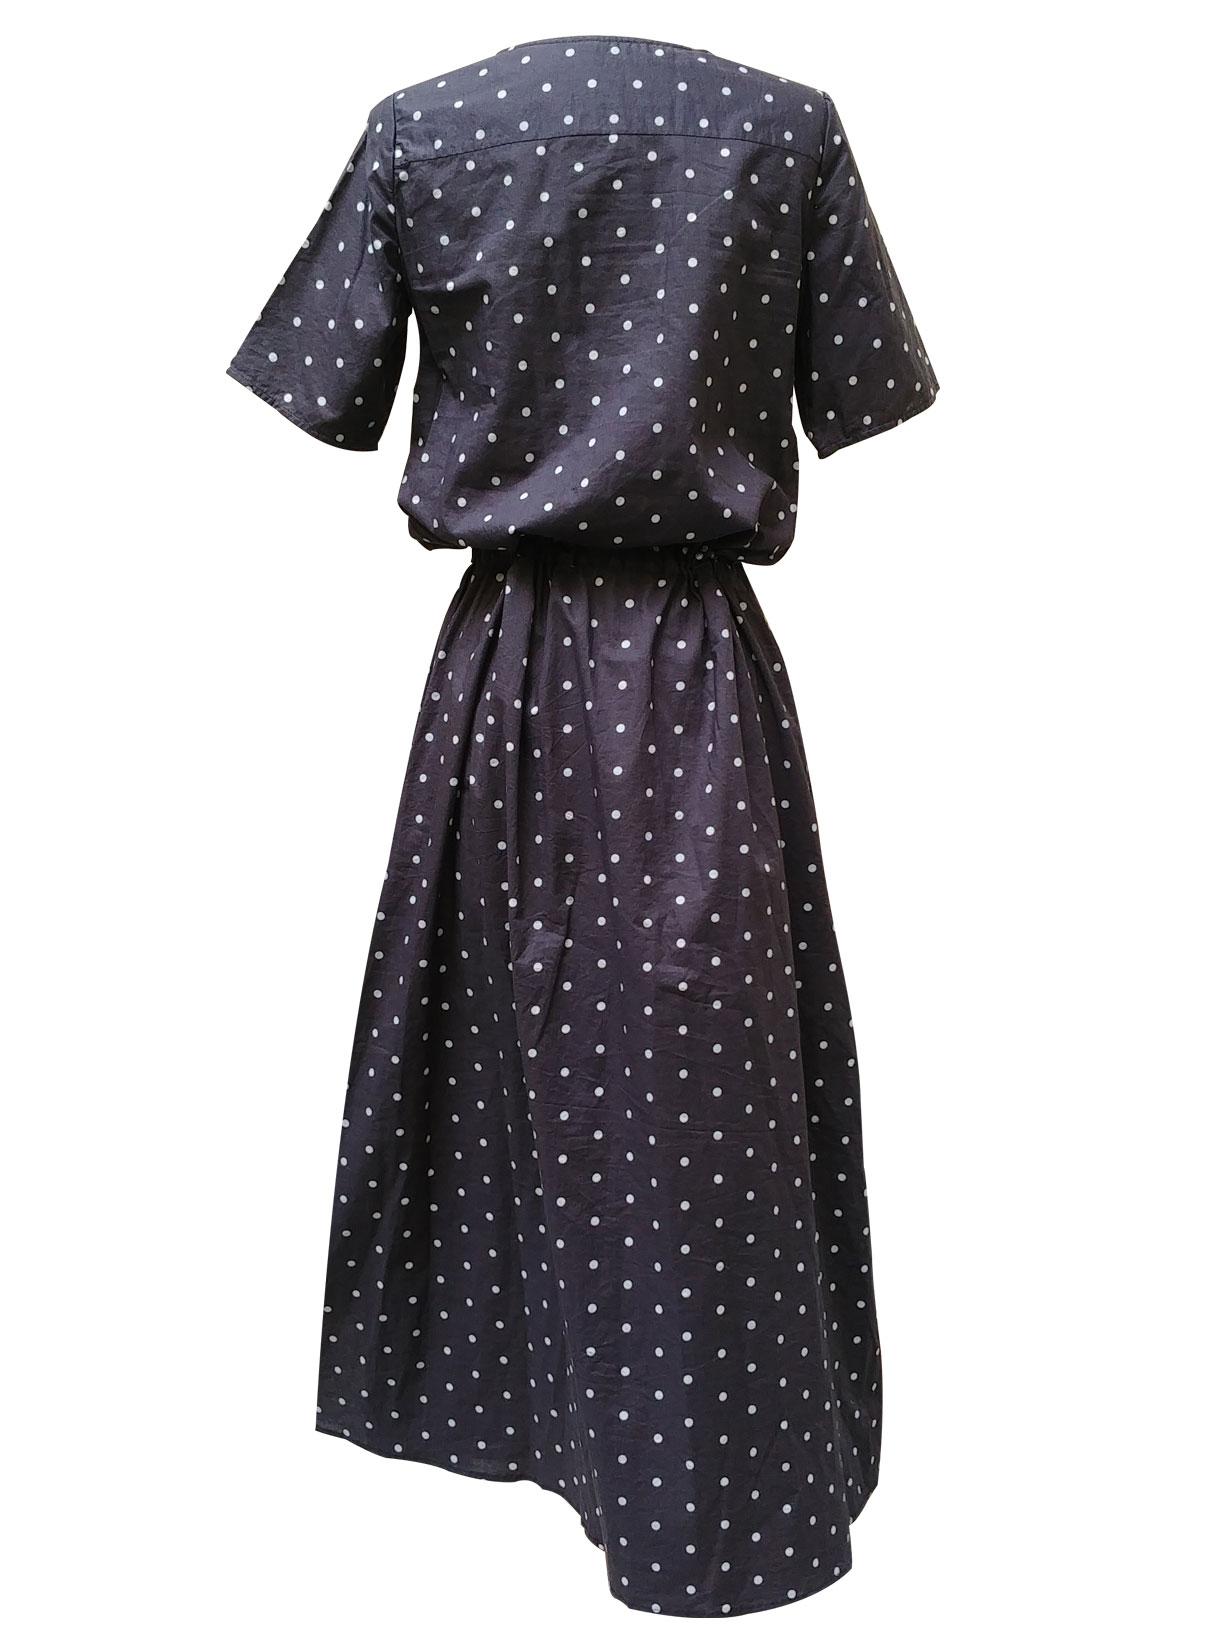 Robe fendue en coton bleu grise ecoresponsable - Myphilosophy